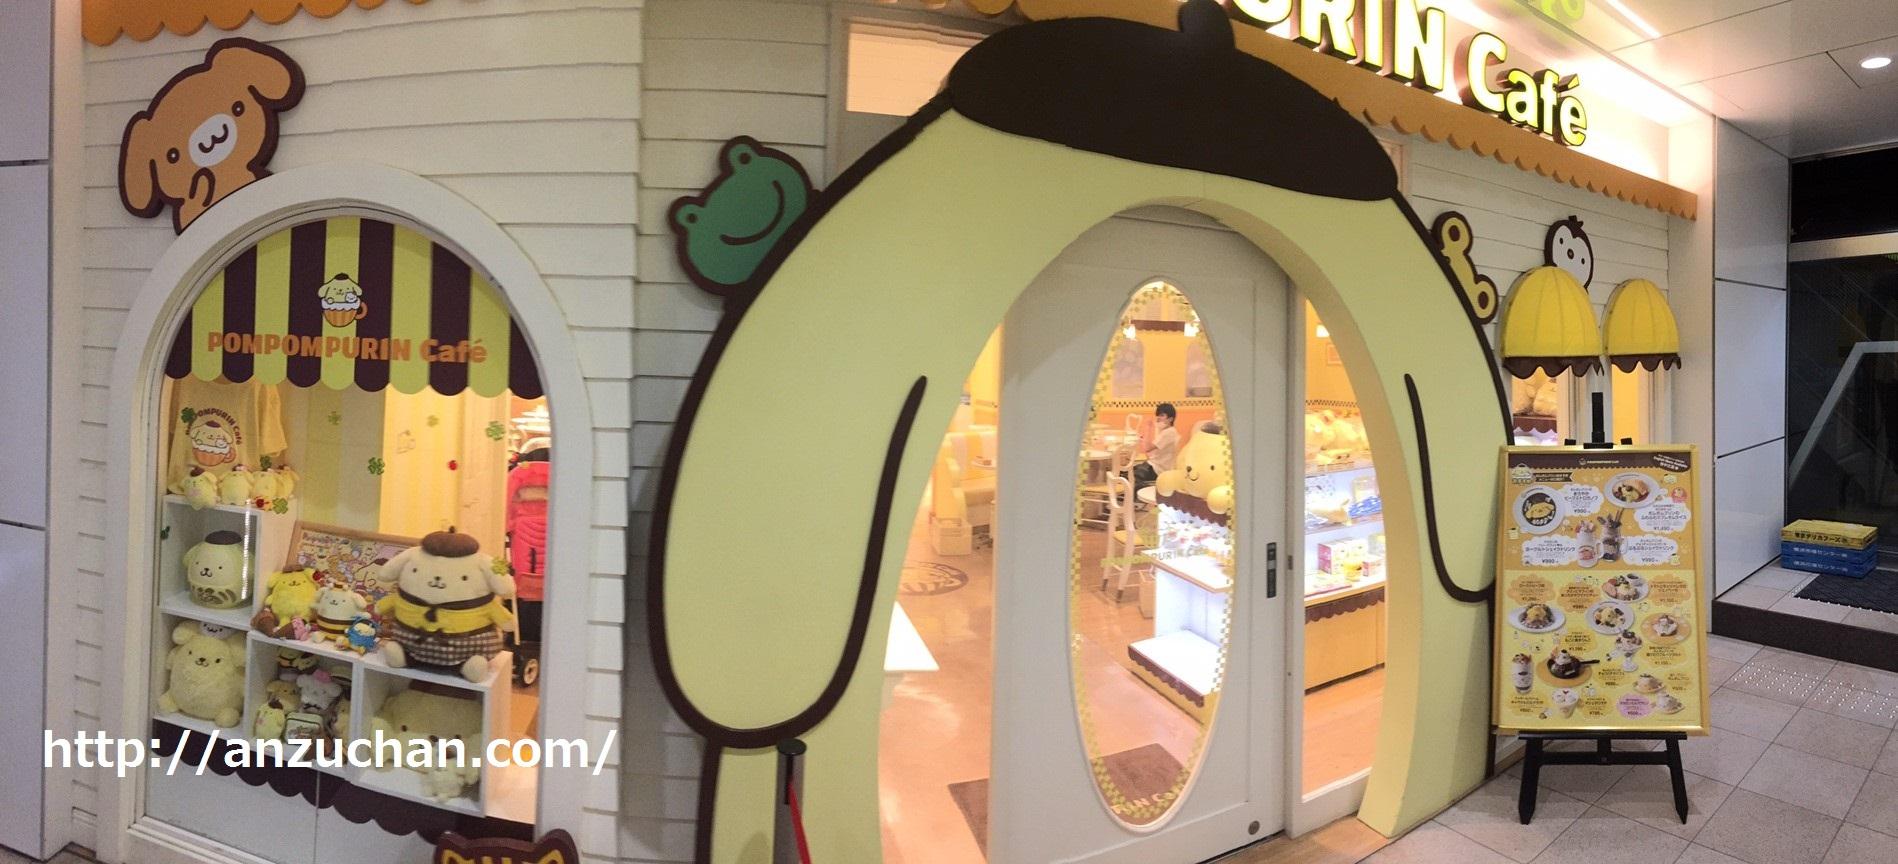 「ポムポムプリンカフェ」原宿店に行ってきました!混雑状況やメニューは?